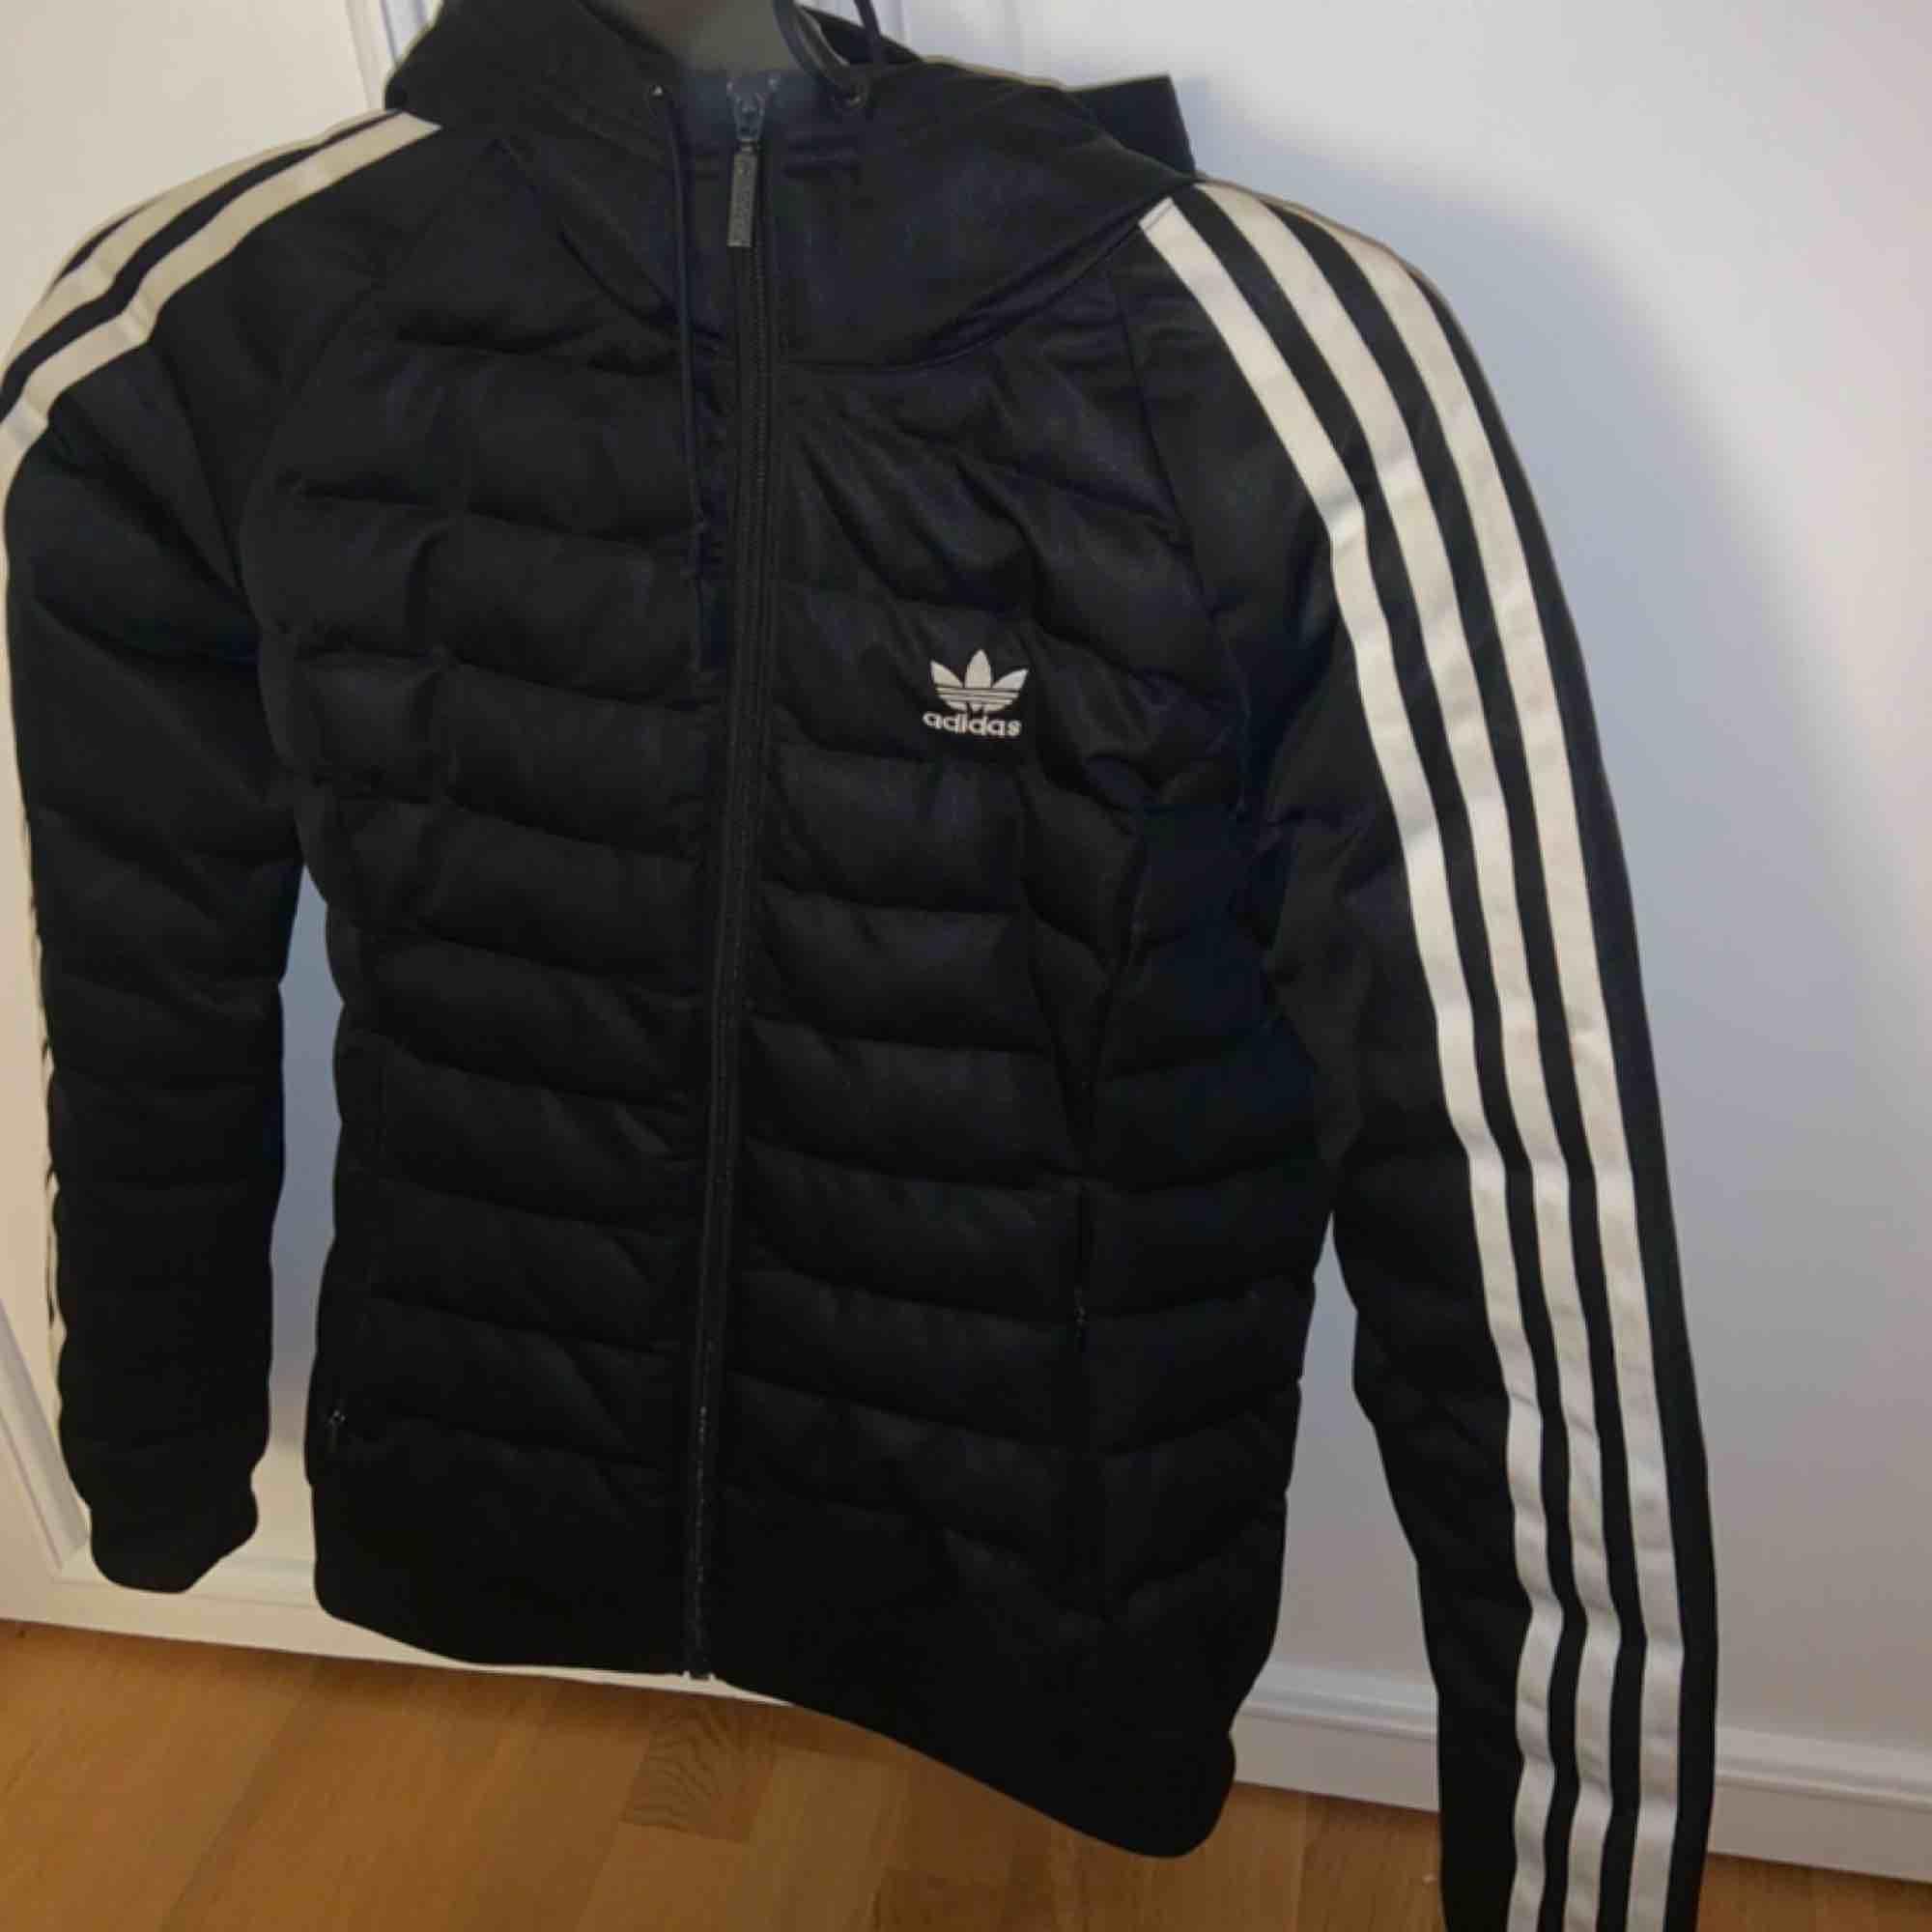 Säljer min Adidas vinterjacka då jag köpt en ny och denna bara ligger och skräpar. Använd en höst/vinter. XS/S. Jackor.